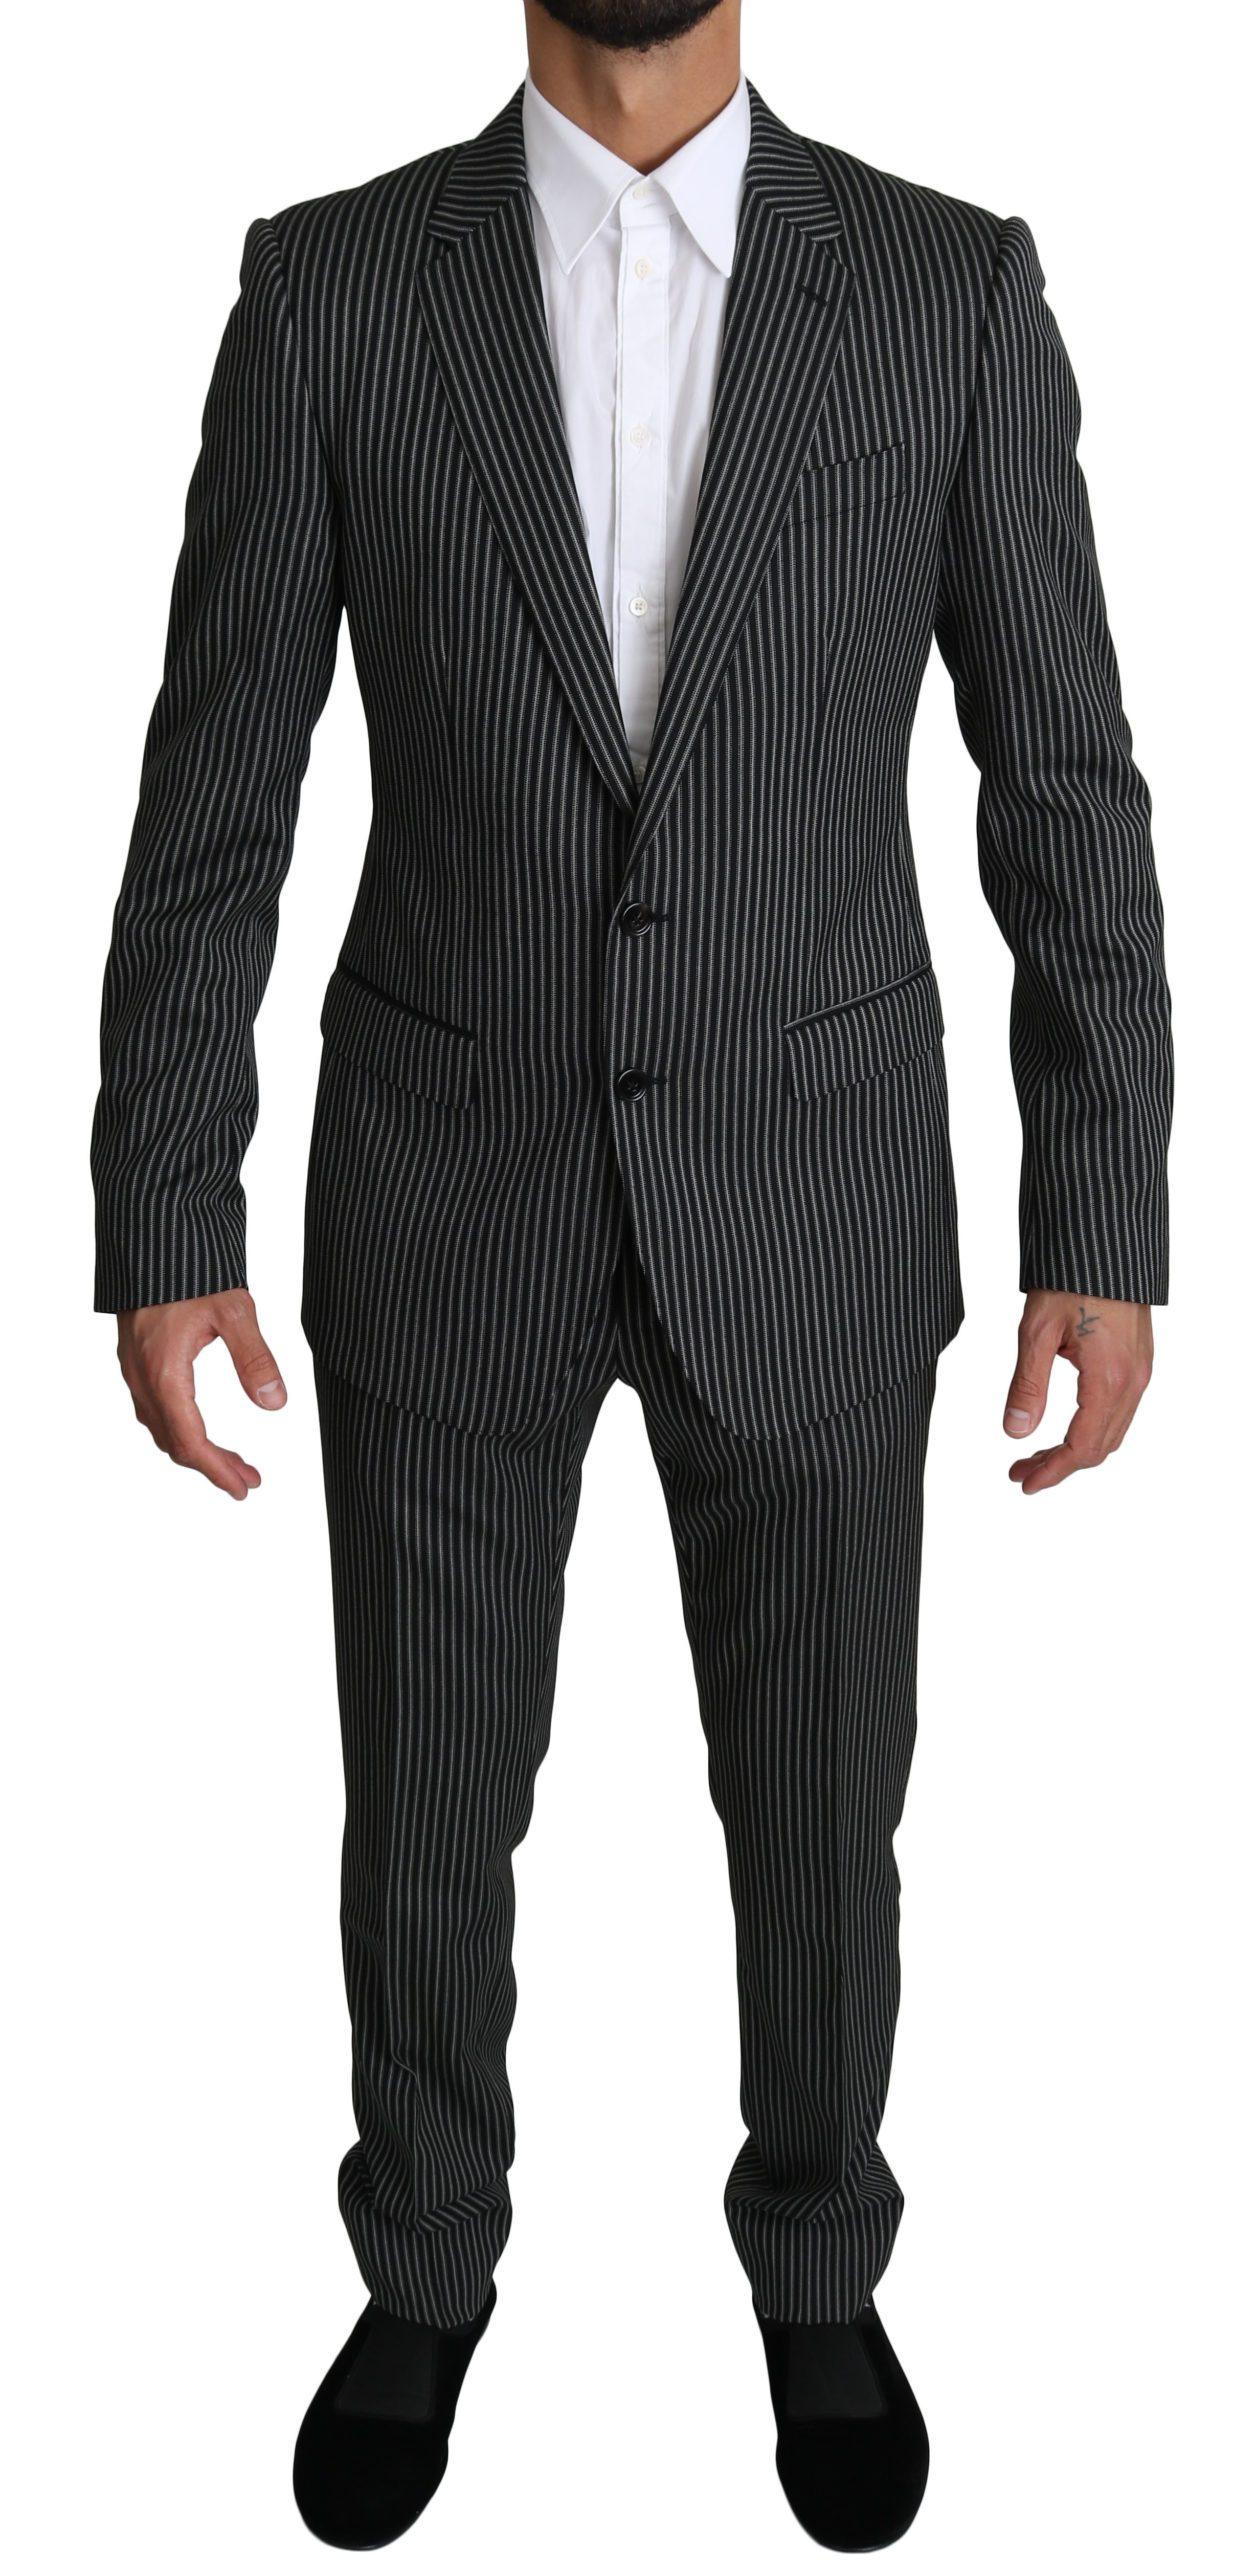 Dolce & Gabbana Men's Stripes 2 Piece MARTINI Suit Beige KOS1531 - IT48 | M